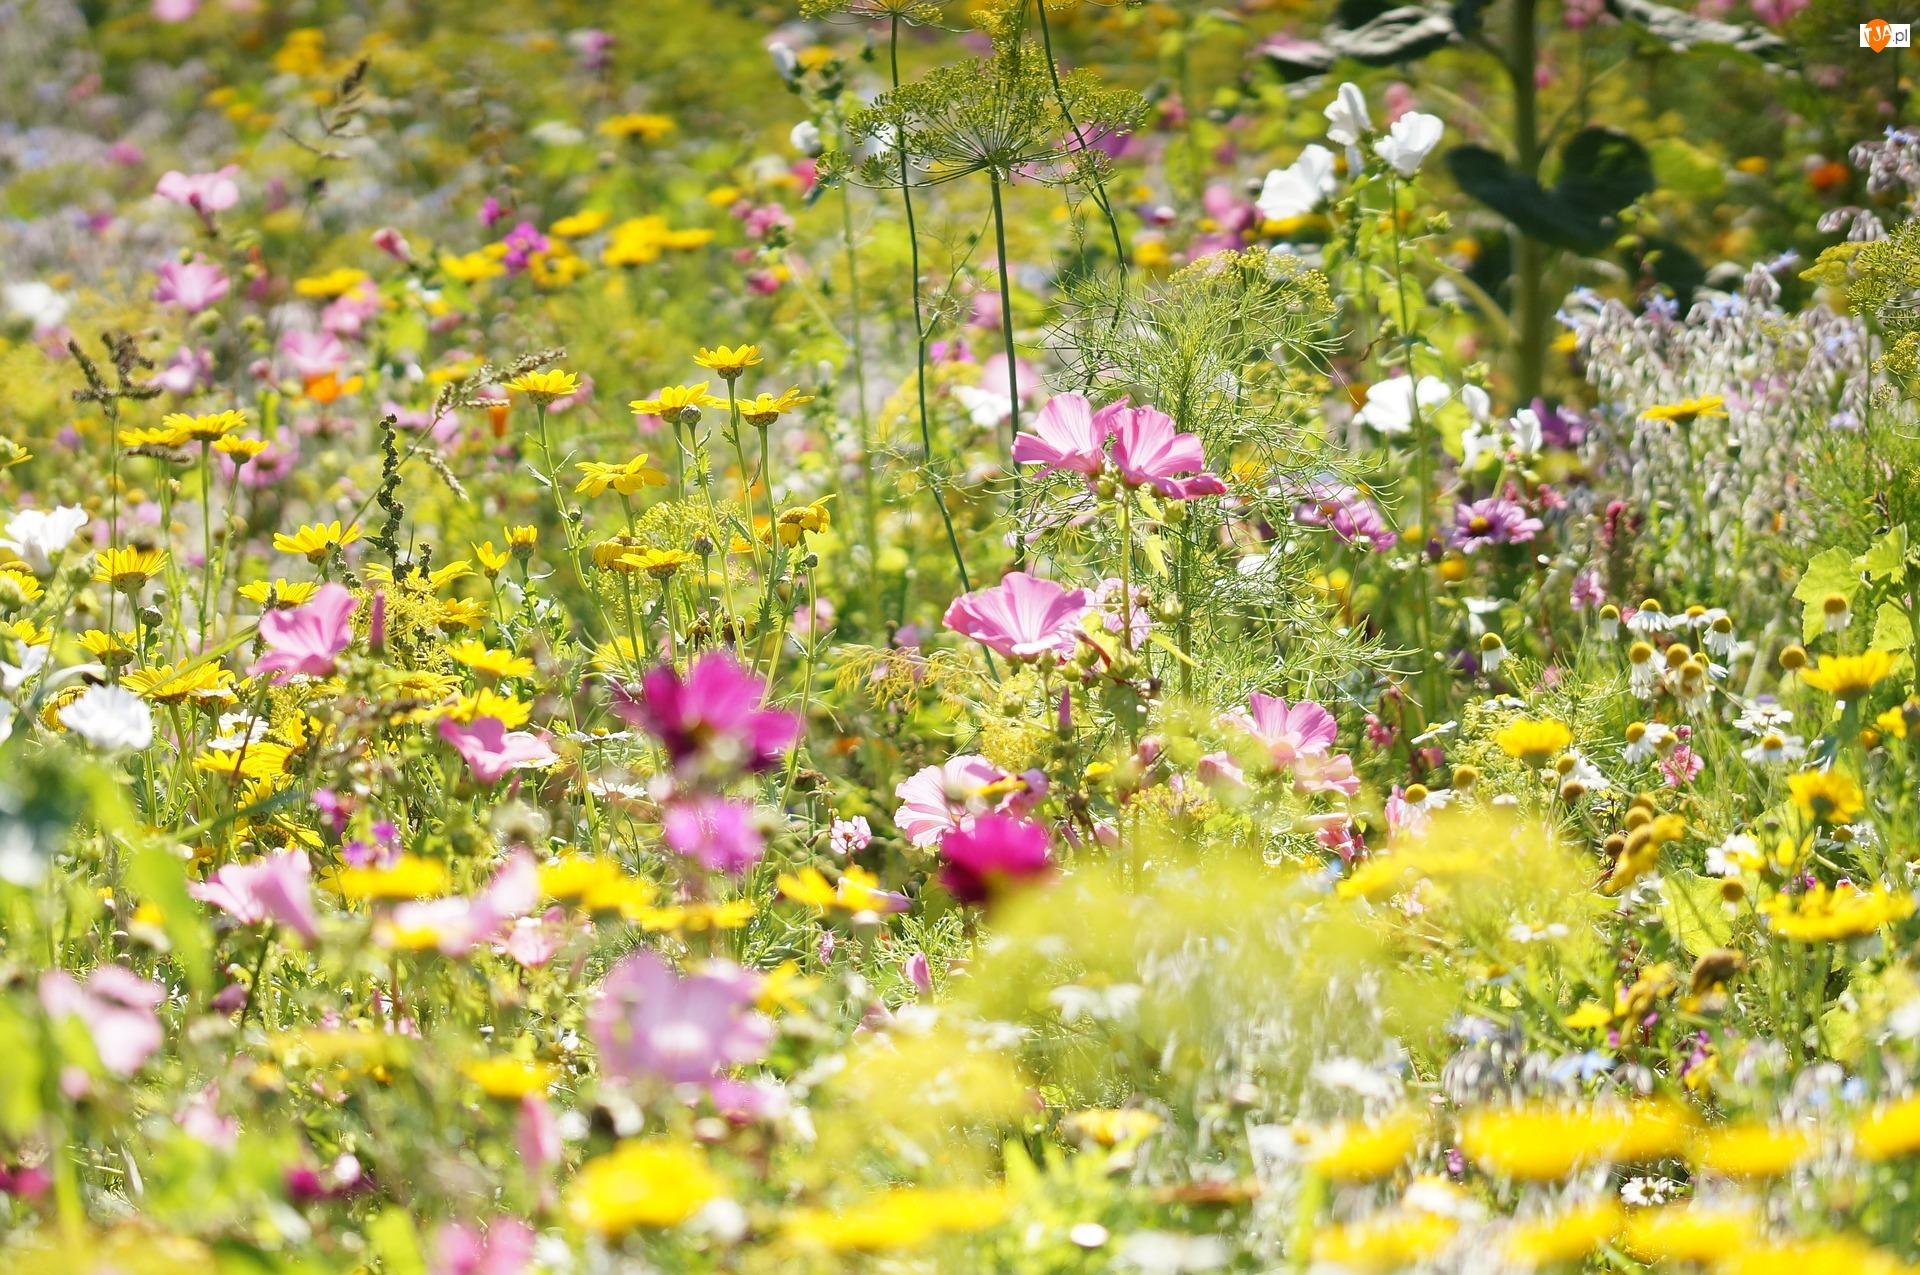 Kwiaty, Łąka, Kolorowe